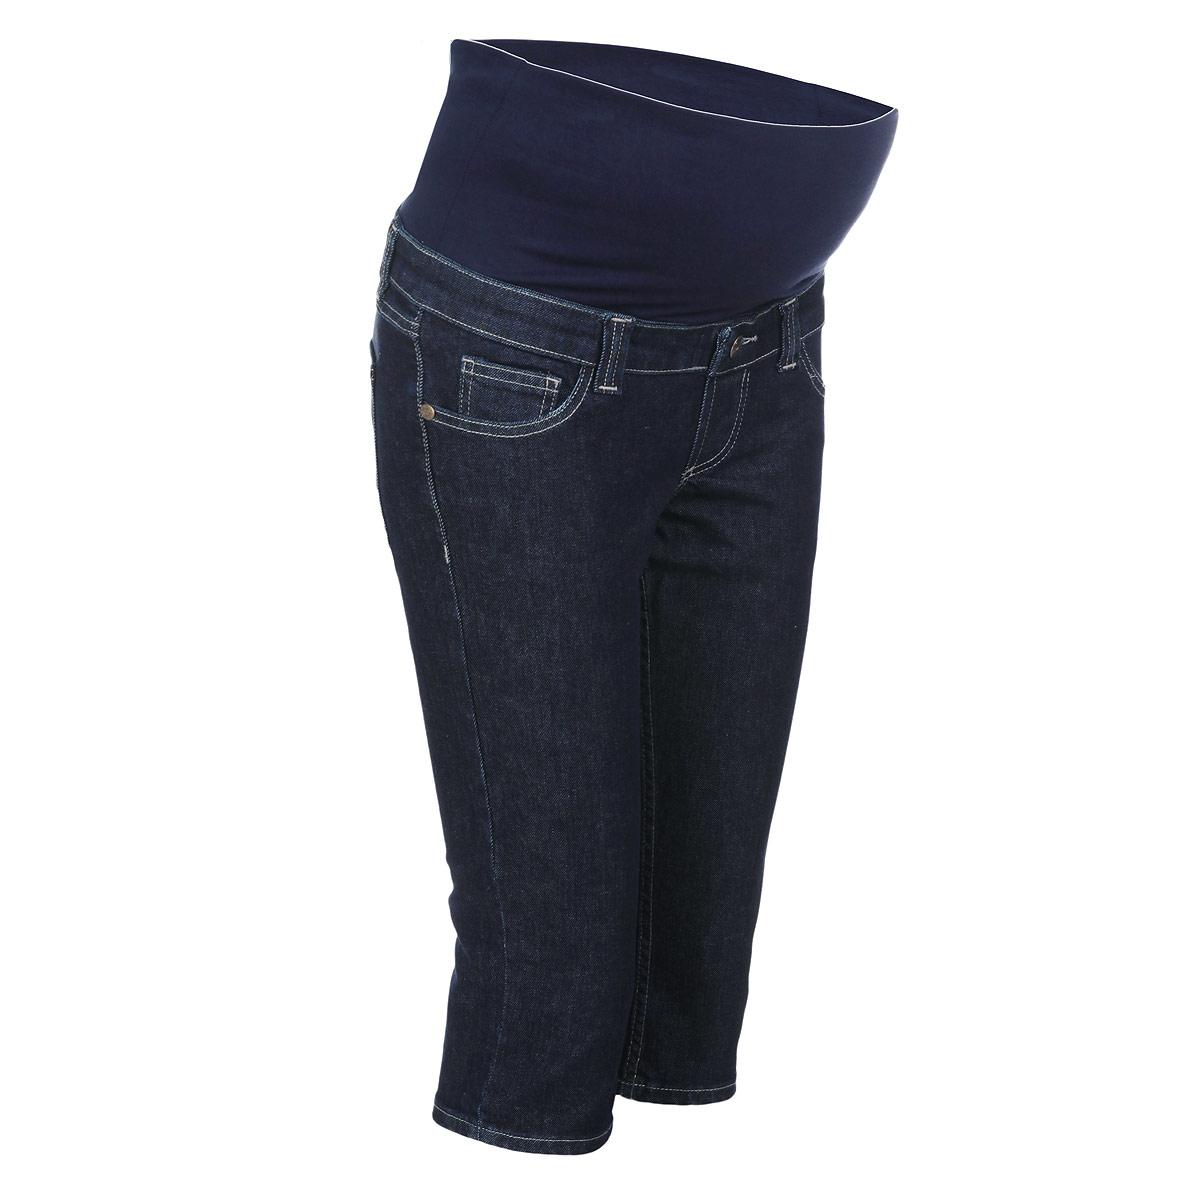 Бриджи5312.11Очень удобные джинсовые бриджи для беременных Nuova Vita с бандажом на живот, изготовленные из плотного хлопка, придают женщине элегантность и индивидуальность. Бриджи прямого покроя имеют классический пятикарманный крой: спереди - два втачных кармашка и один маленький накладной, а сзади - два накладных кармана. Имеется имитация ширинки. Бандаж из стрейч-ткани поддерживает живот и уменьшает нагрузку на поясницу. В прохладную погоду бриджи прекрасно сочетаются со свитерами и кардиганами, длинными блузками или джемперами. Эта модель придется по душе даже самой капризной женщине.